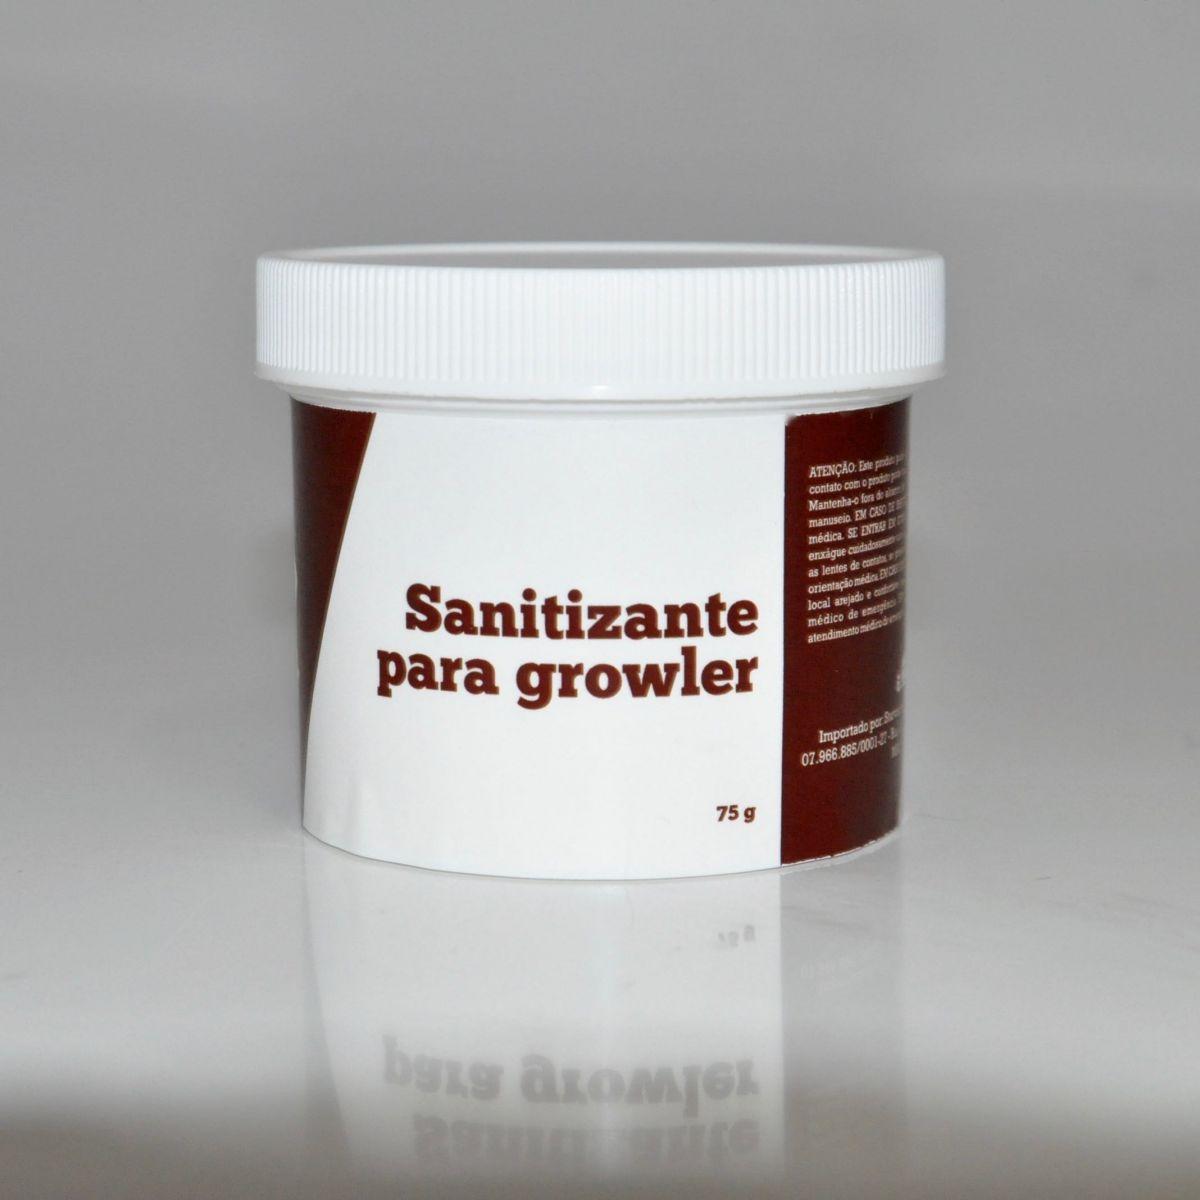 Sanitizante para limpeza de growler (75g)